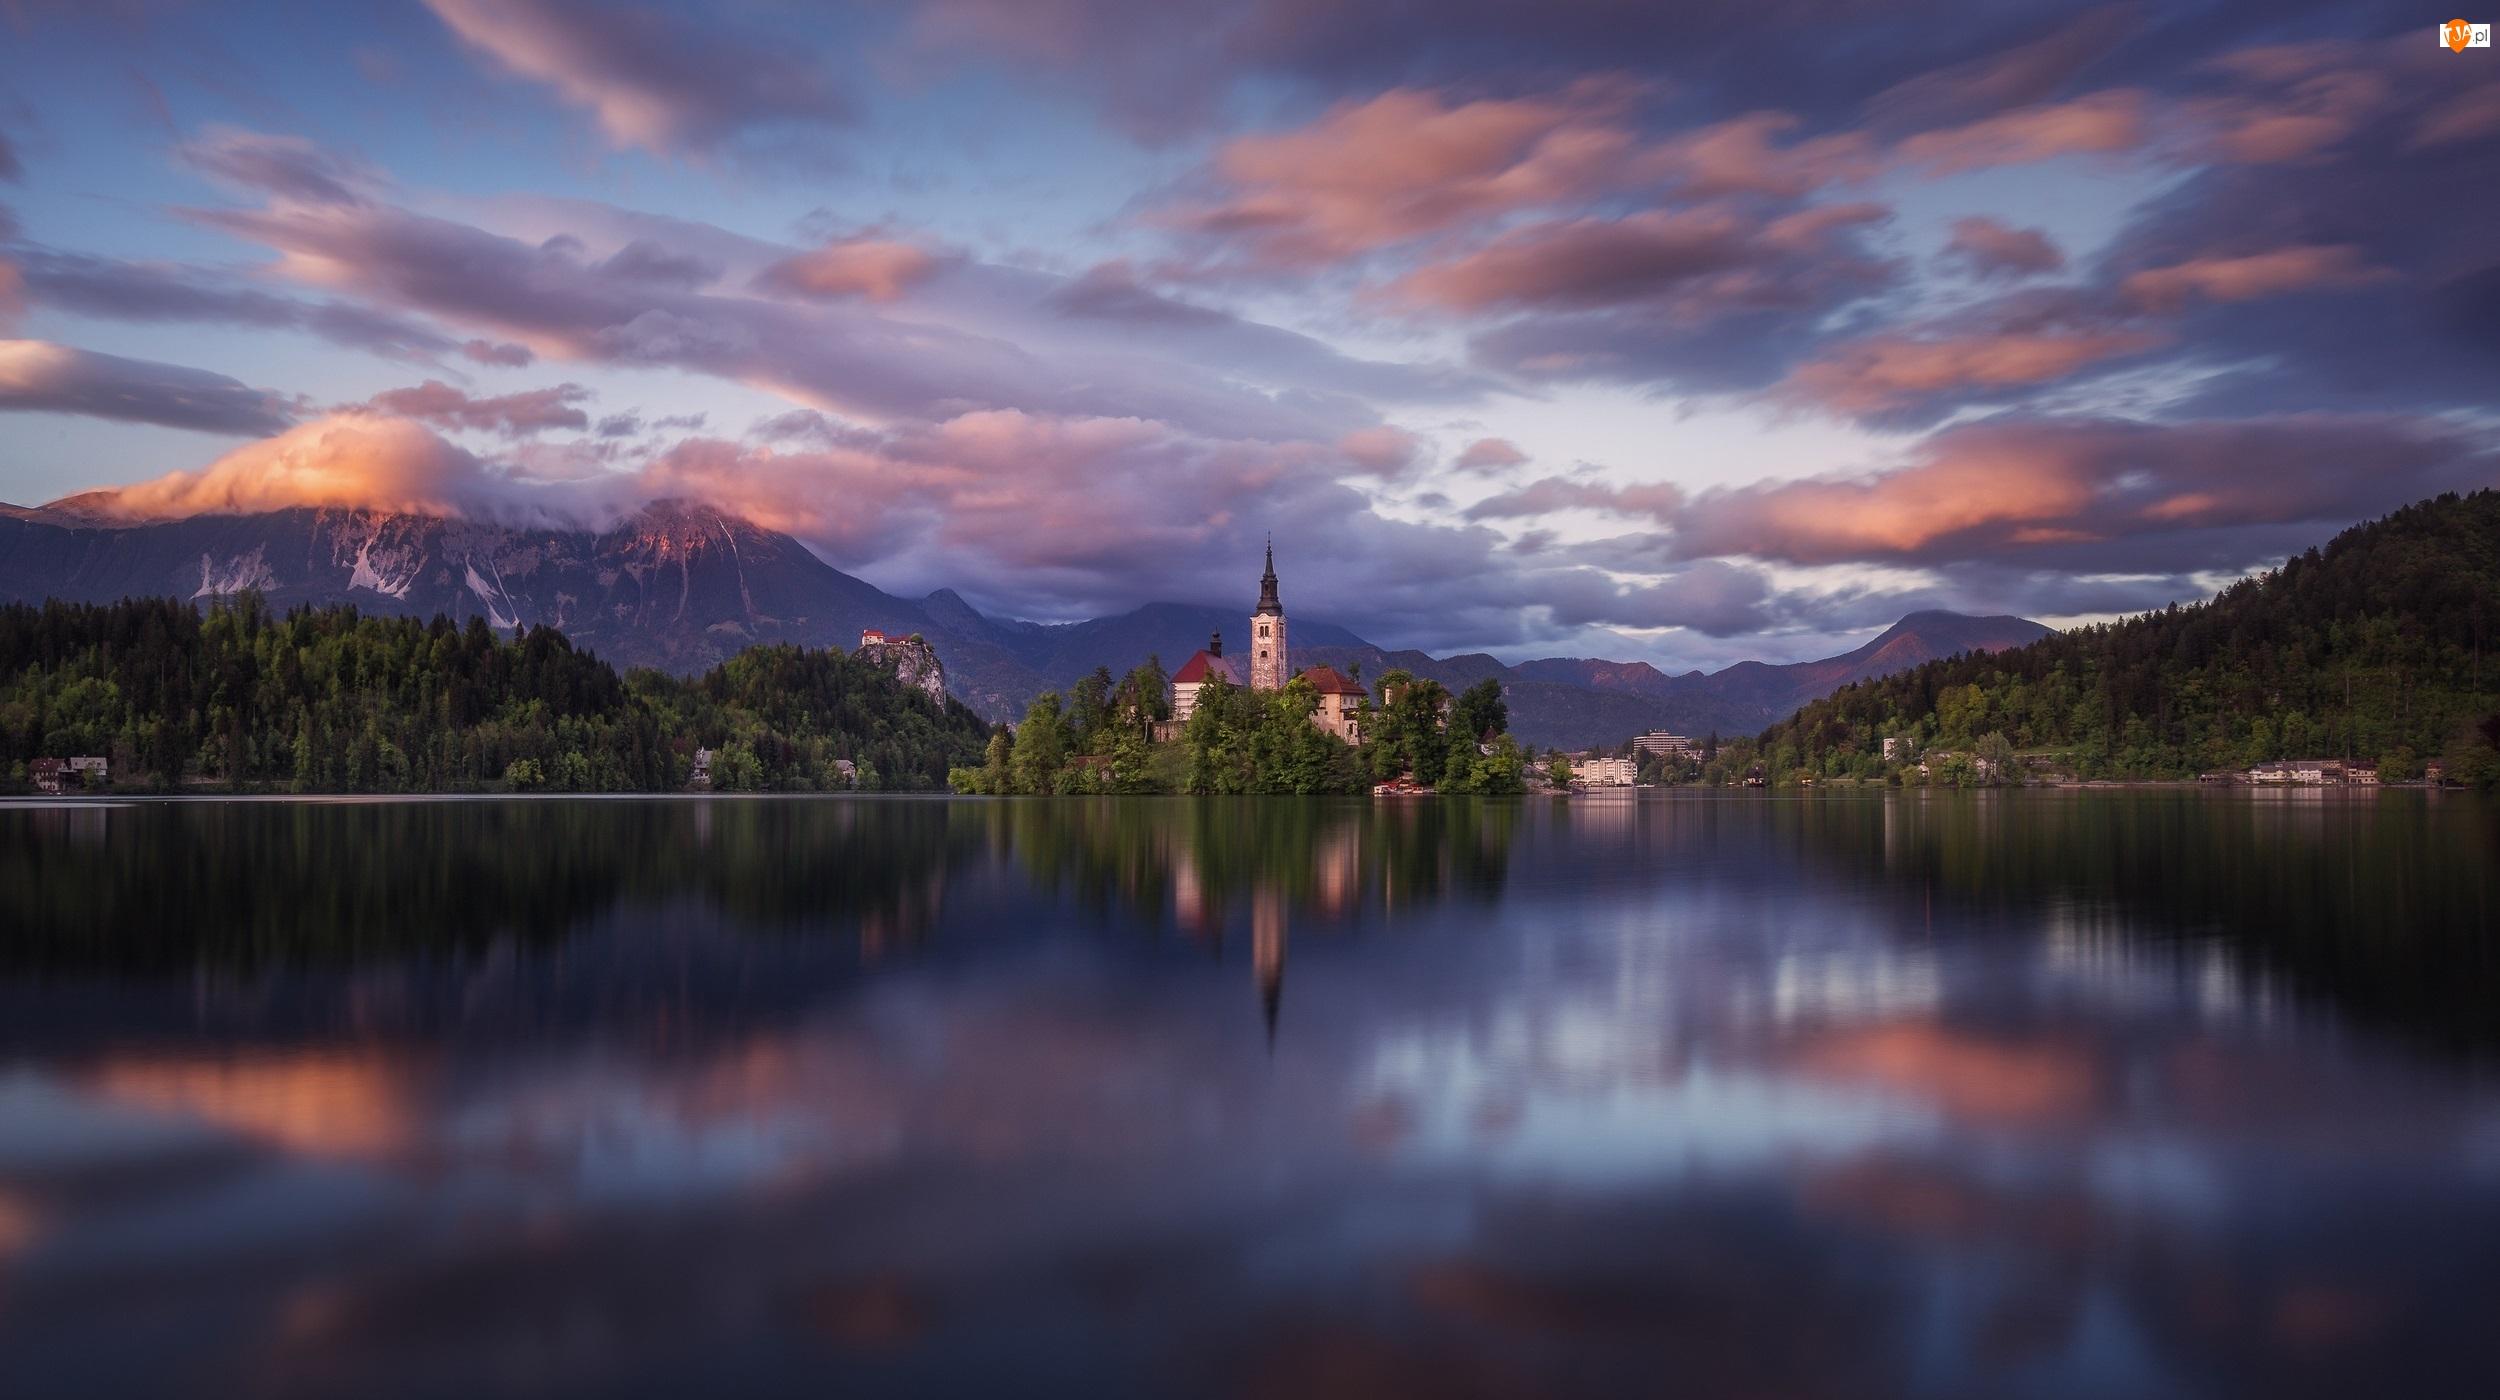 Jezioro Bled, Wyspa Blejski Otok, Odbicie, Słowenia, Chmury, Góry, Kościół Zwiastowania Marii Panny